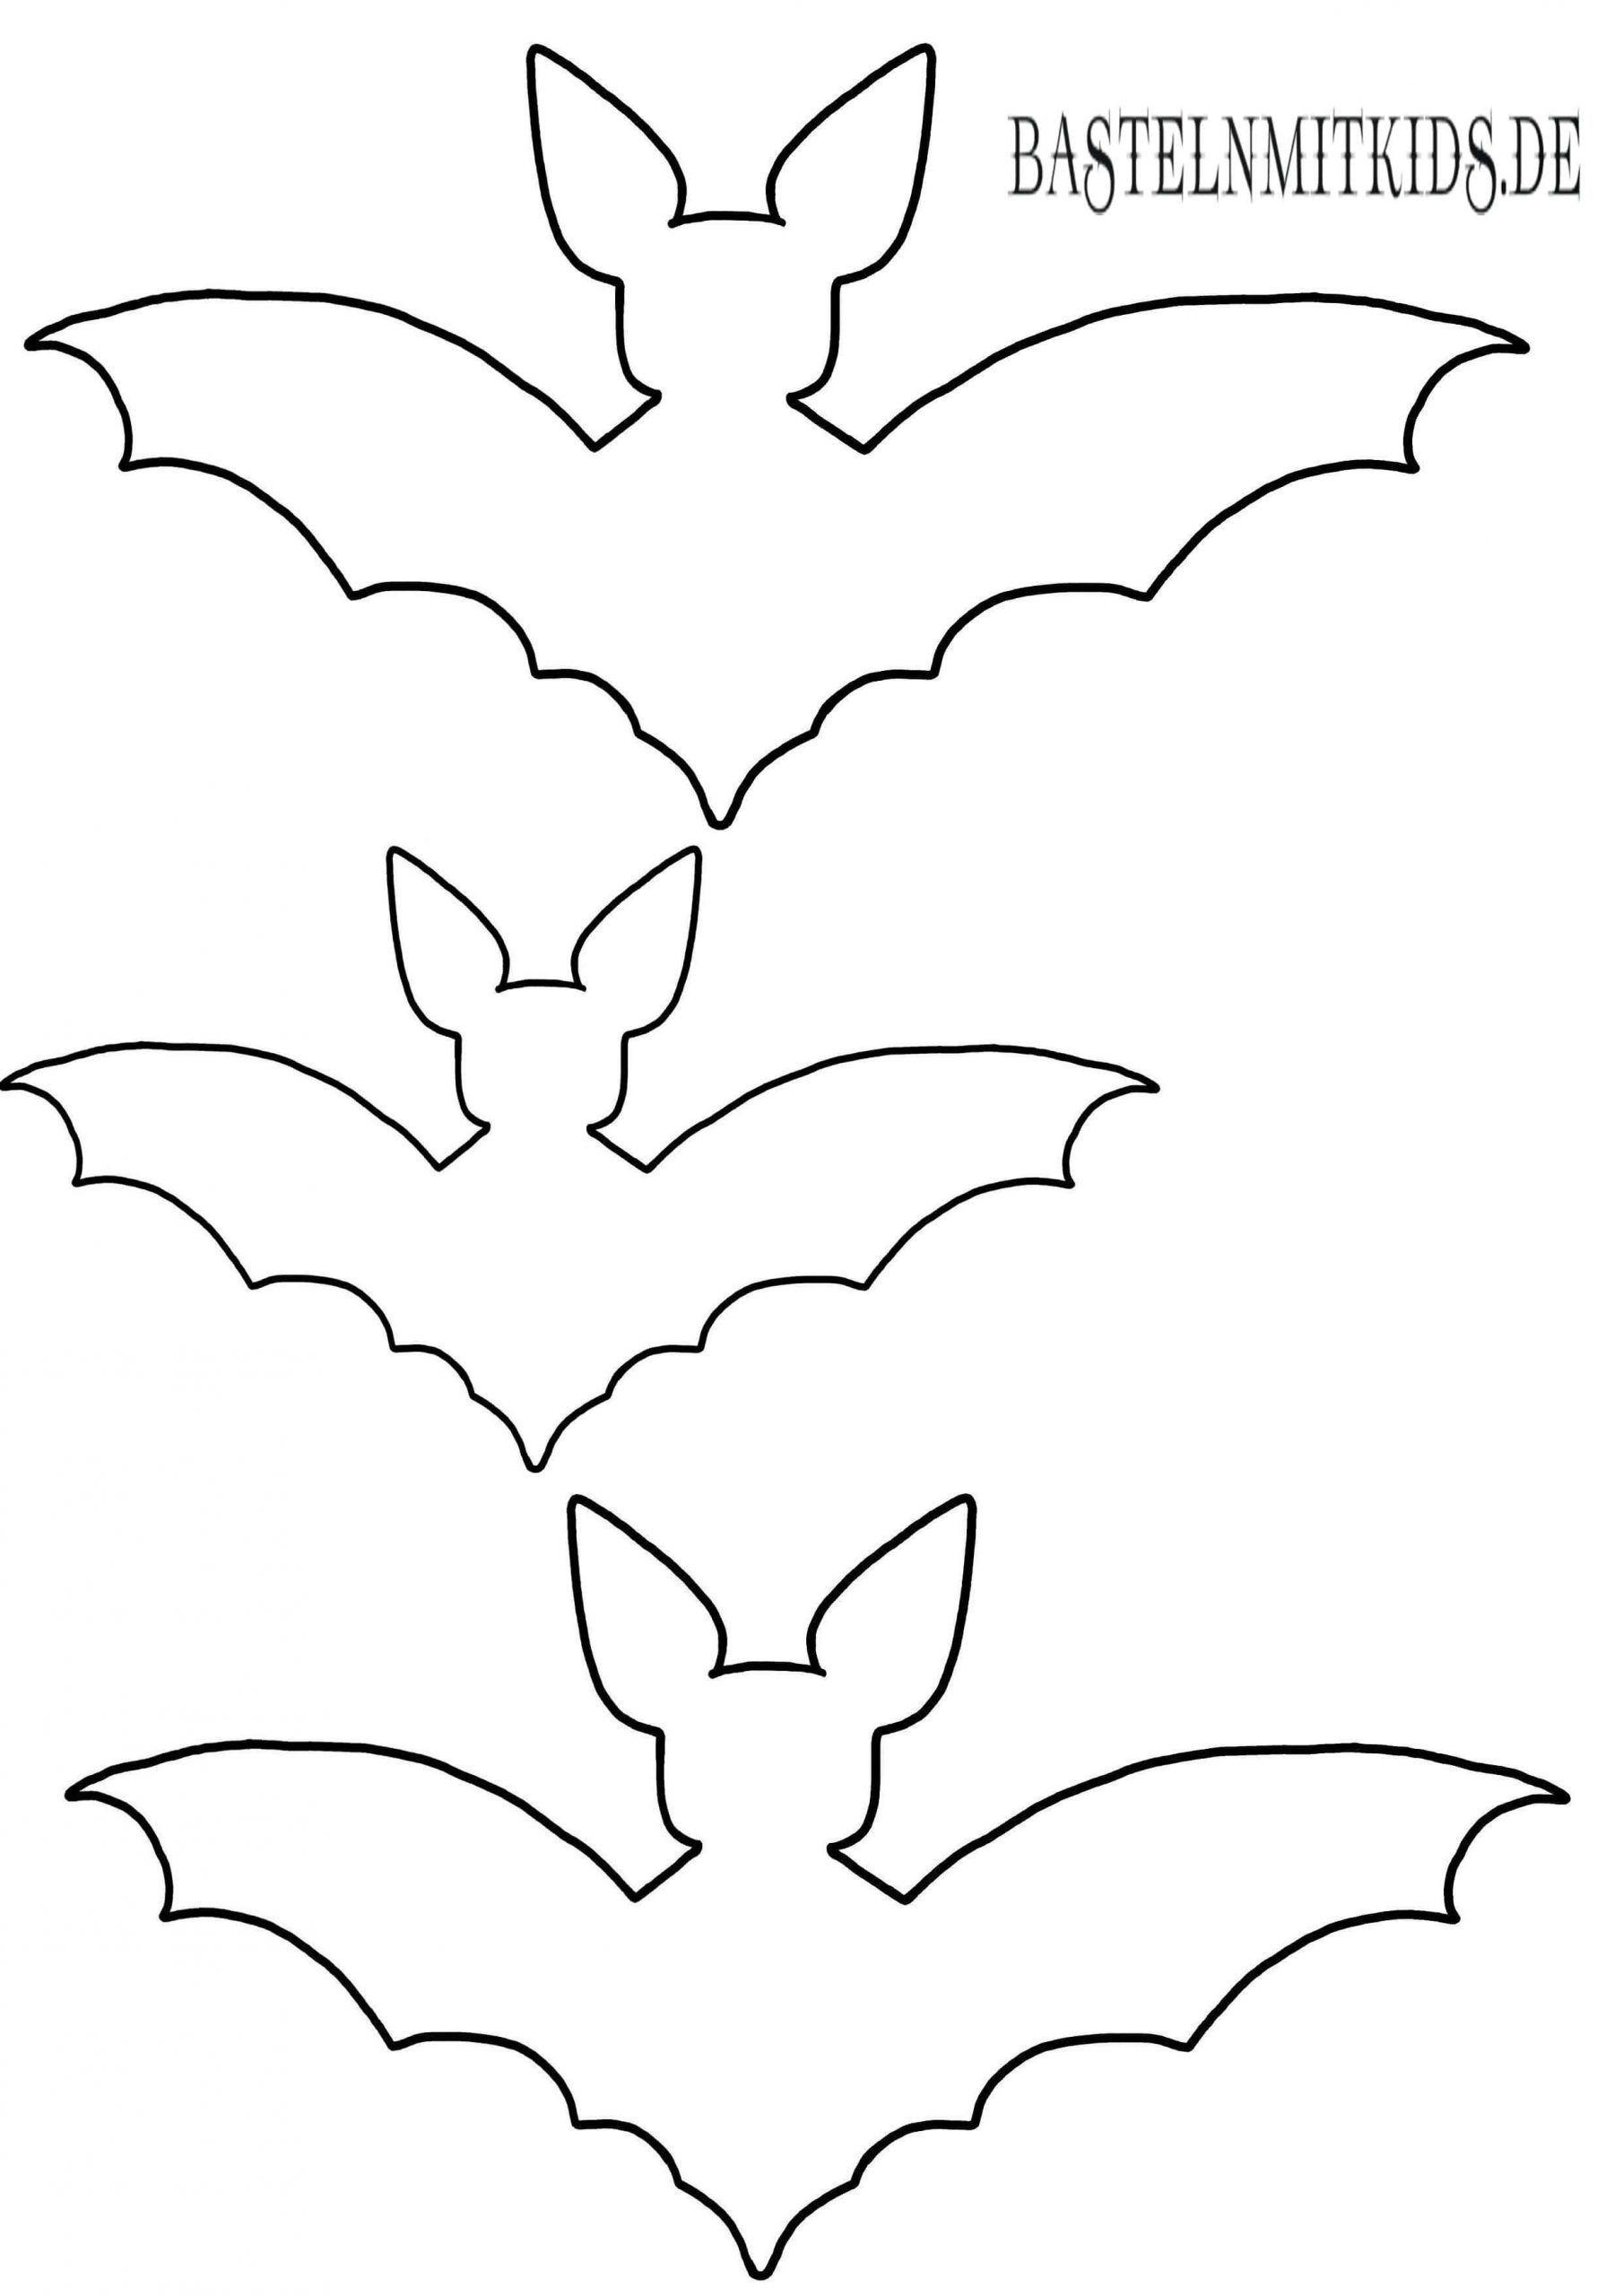 Bastel Und Malvorlagen In 2020 Fledermaus Basteln Halloween Basteln Mit Kindern Halloween Deko Basteln